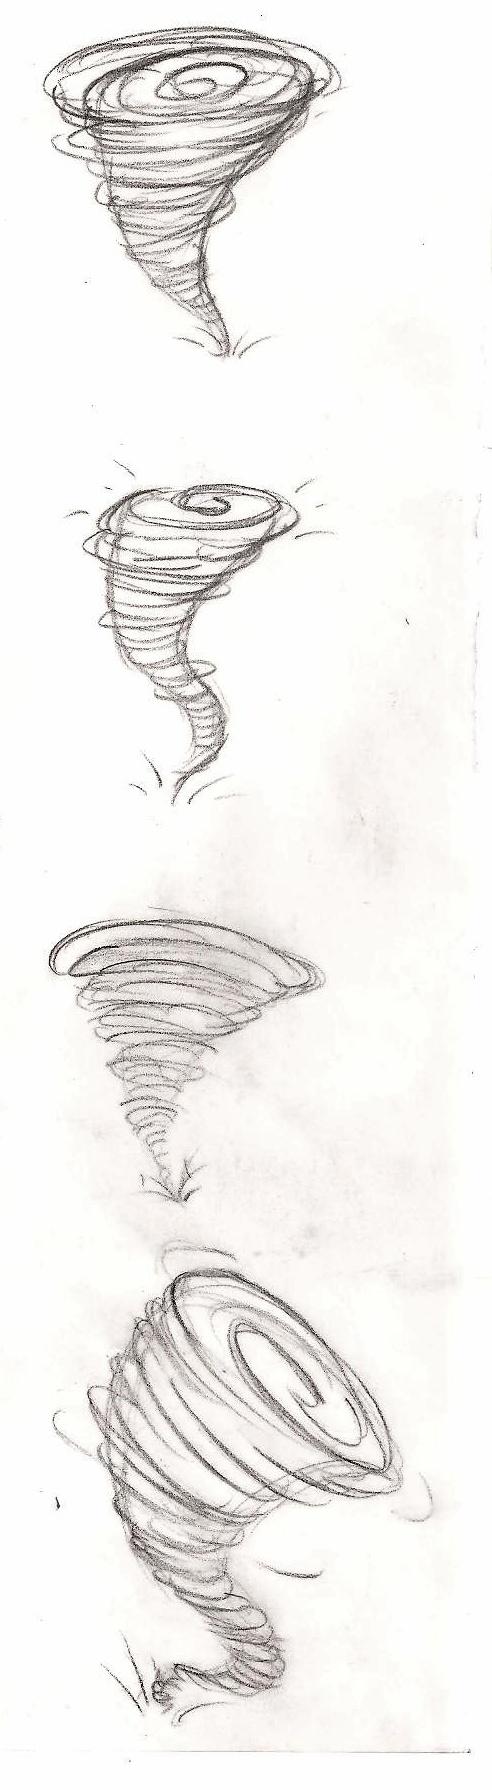 Tornado Design On Nails Google Search Tornado Tatuagem Tatuagem Braco Tatuagens